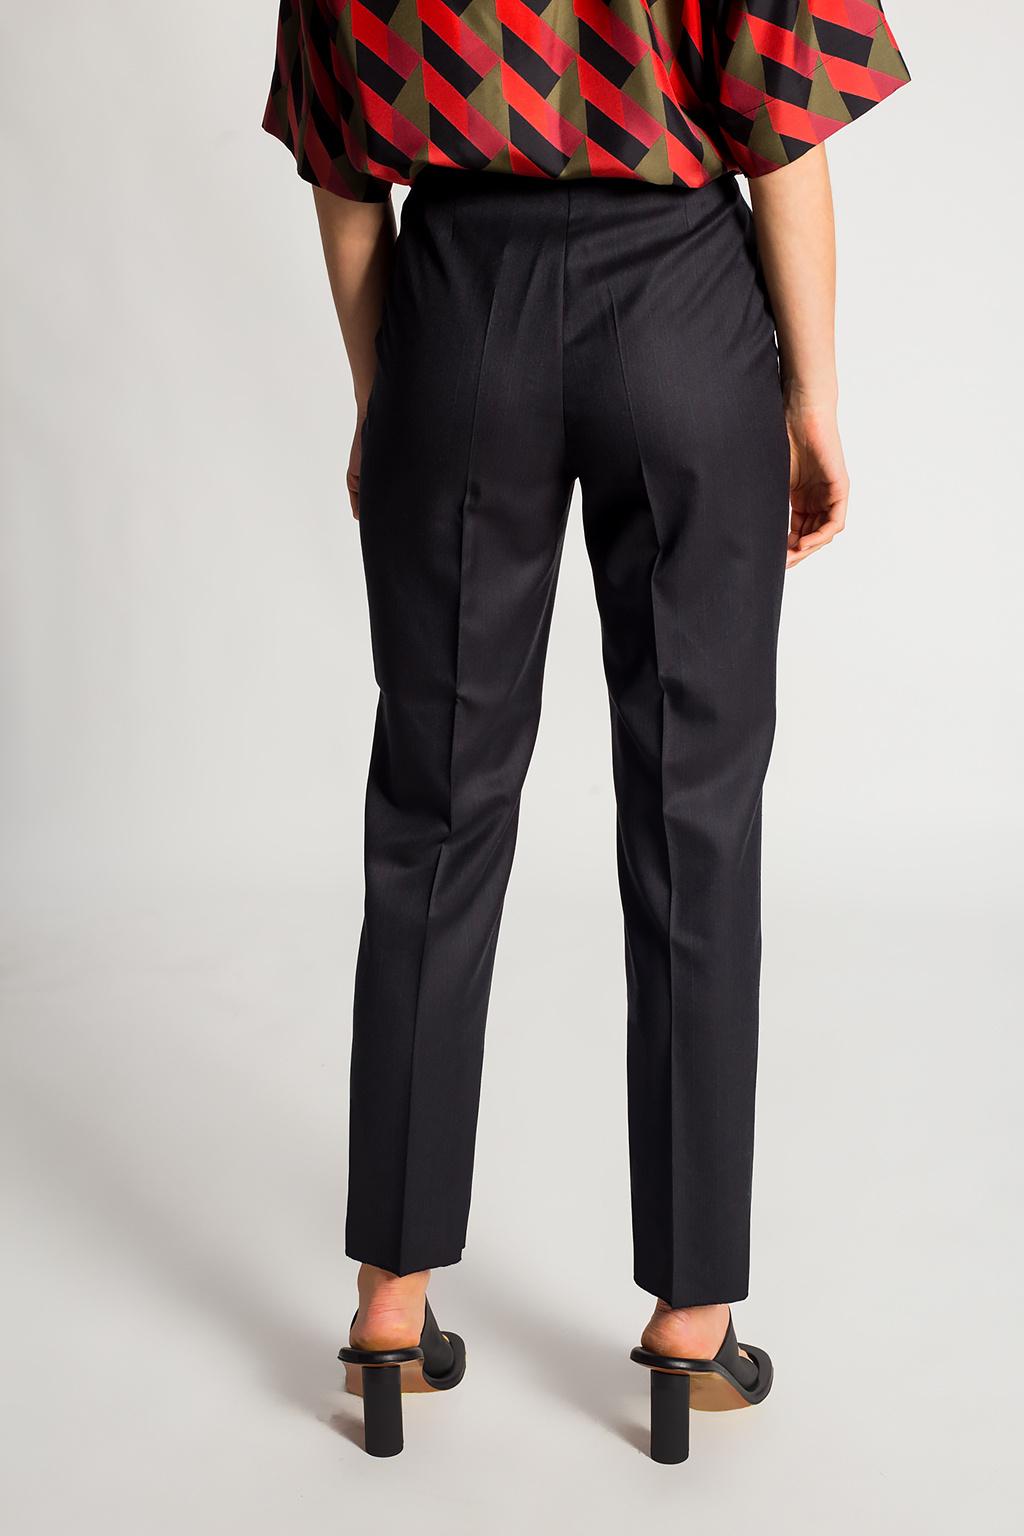 Salvatore Ferragamo Pinstriped trousers